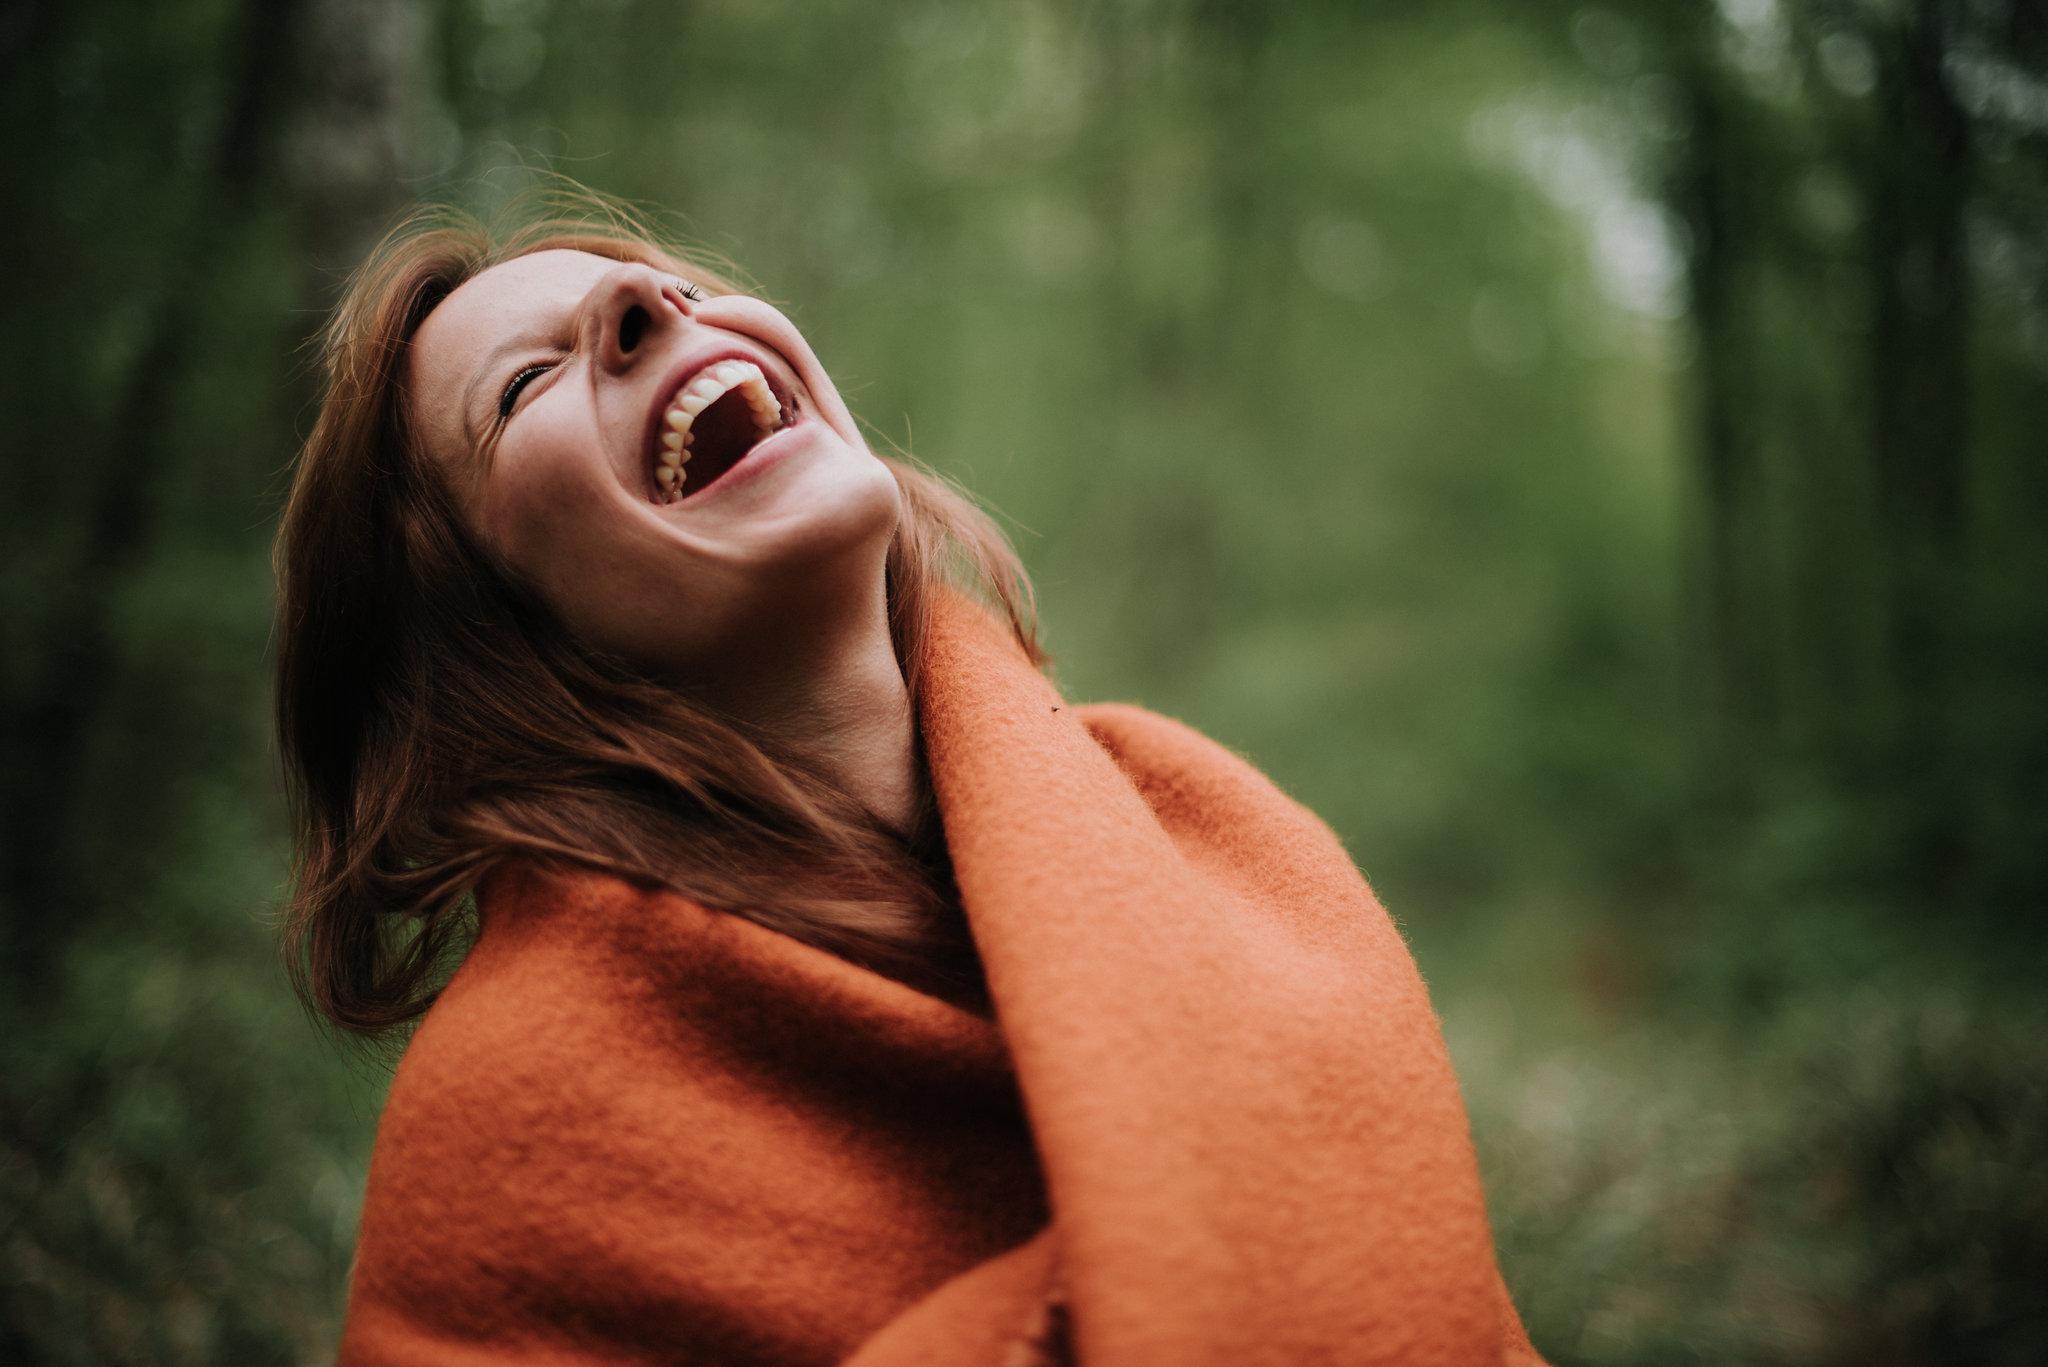 Léa-Fery-photographe-professionnel-lyon-rhone-alpes-portrait-creation-mariage-evenement-evenementiel-famille-8166.jpg